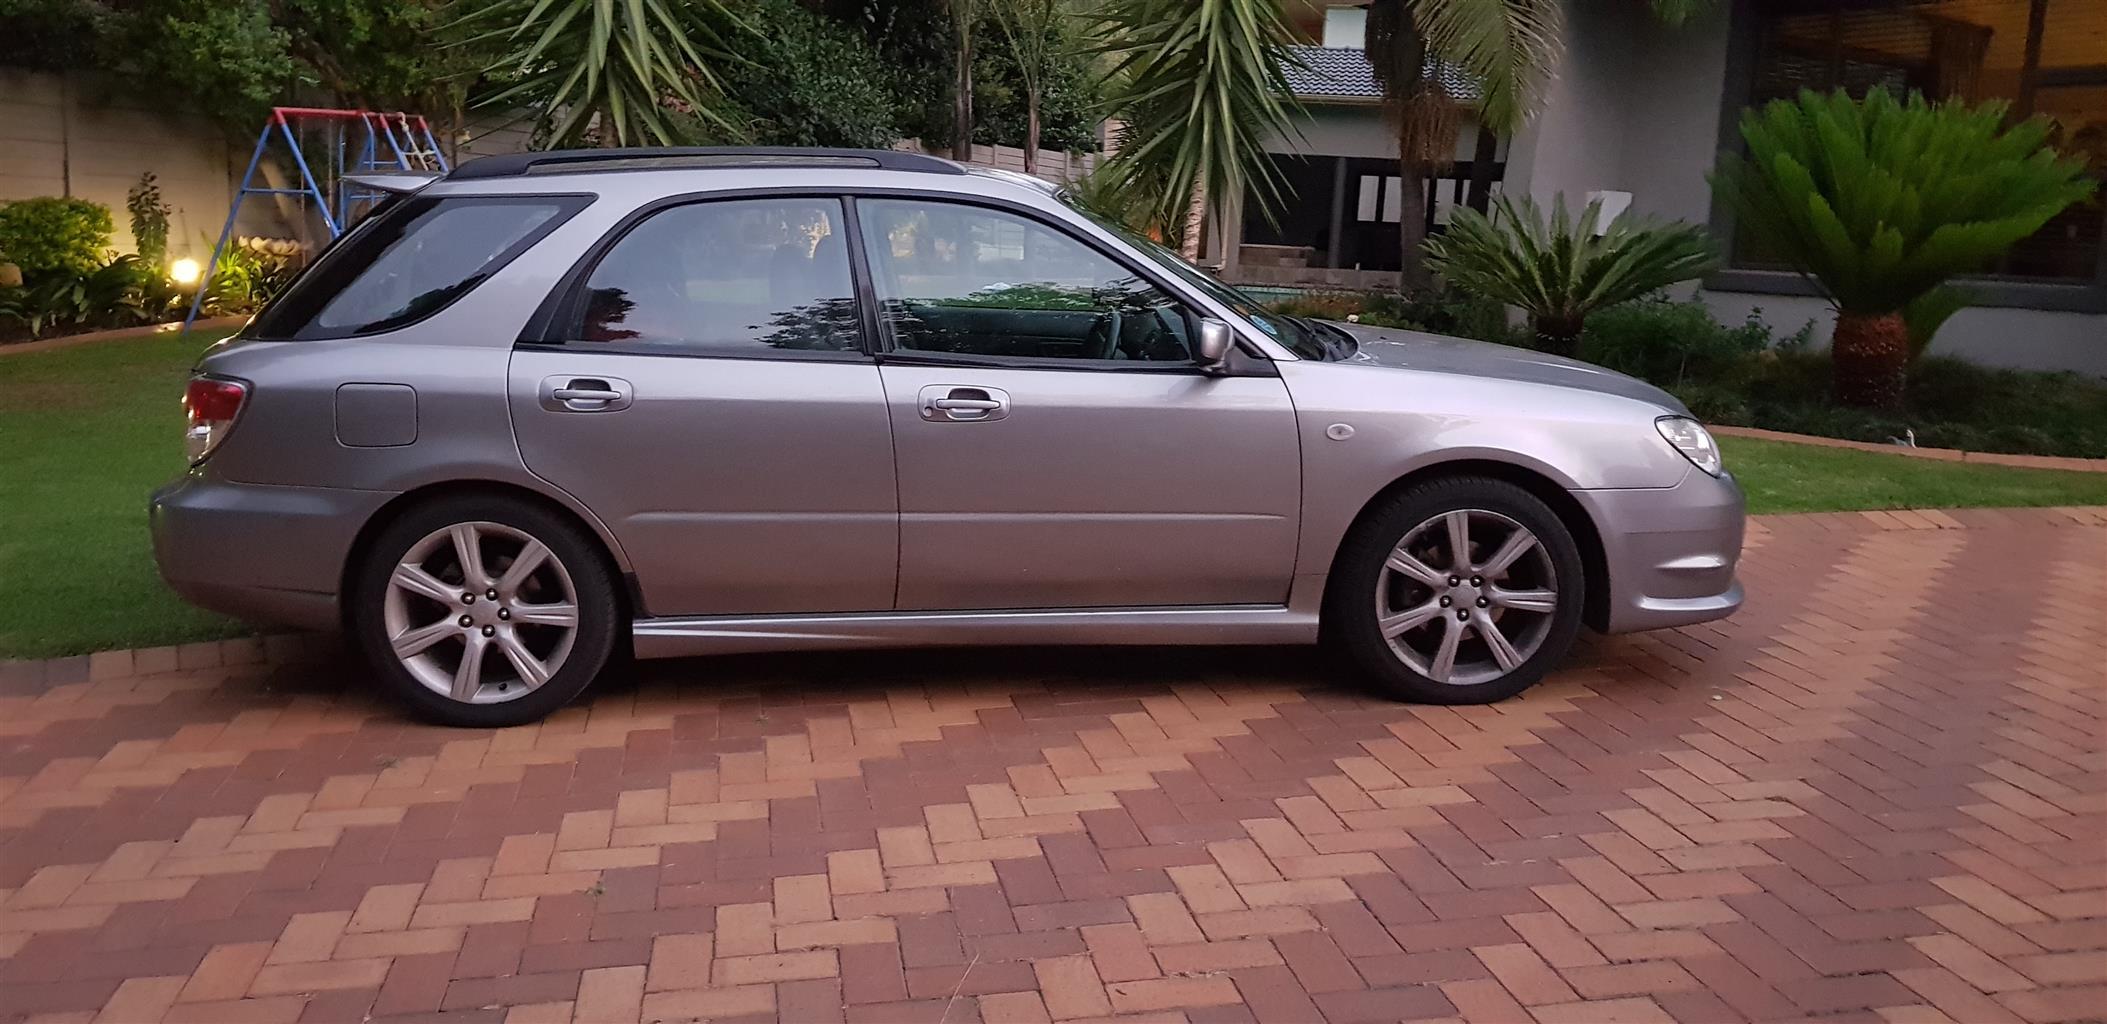 2007 Subaru Impreza 2.0 R sedan